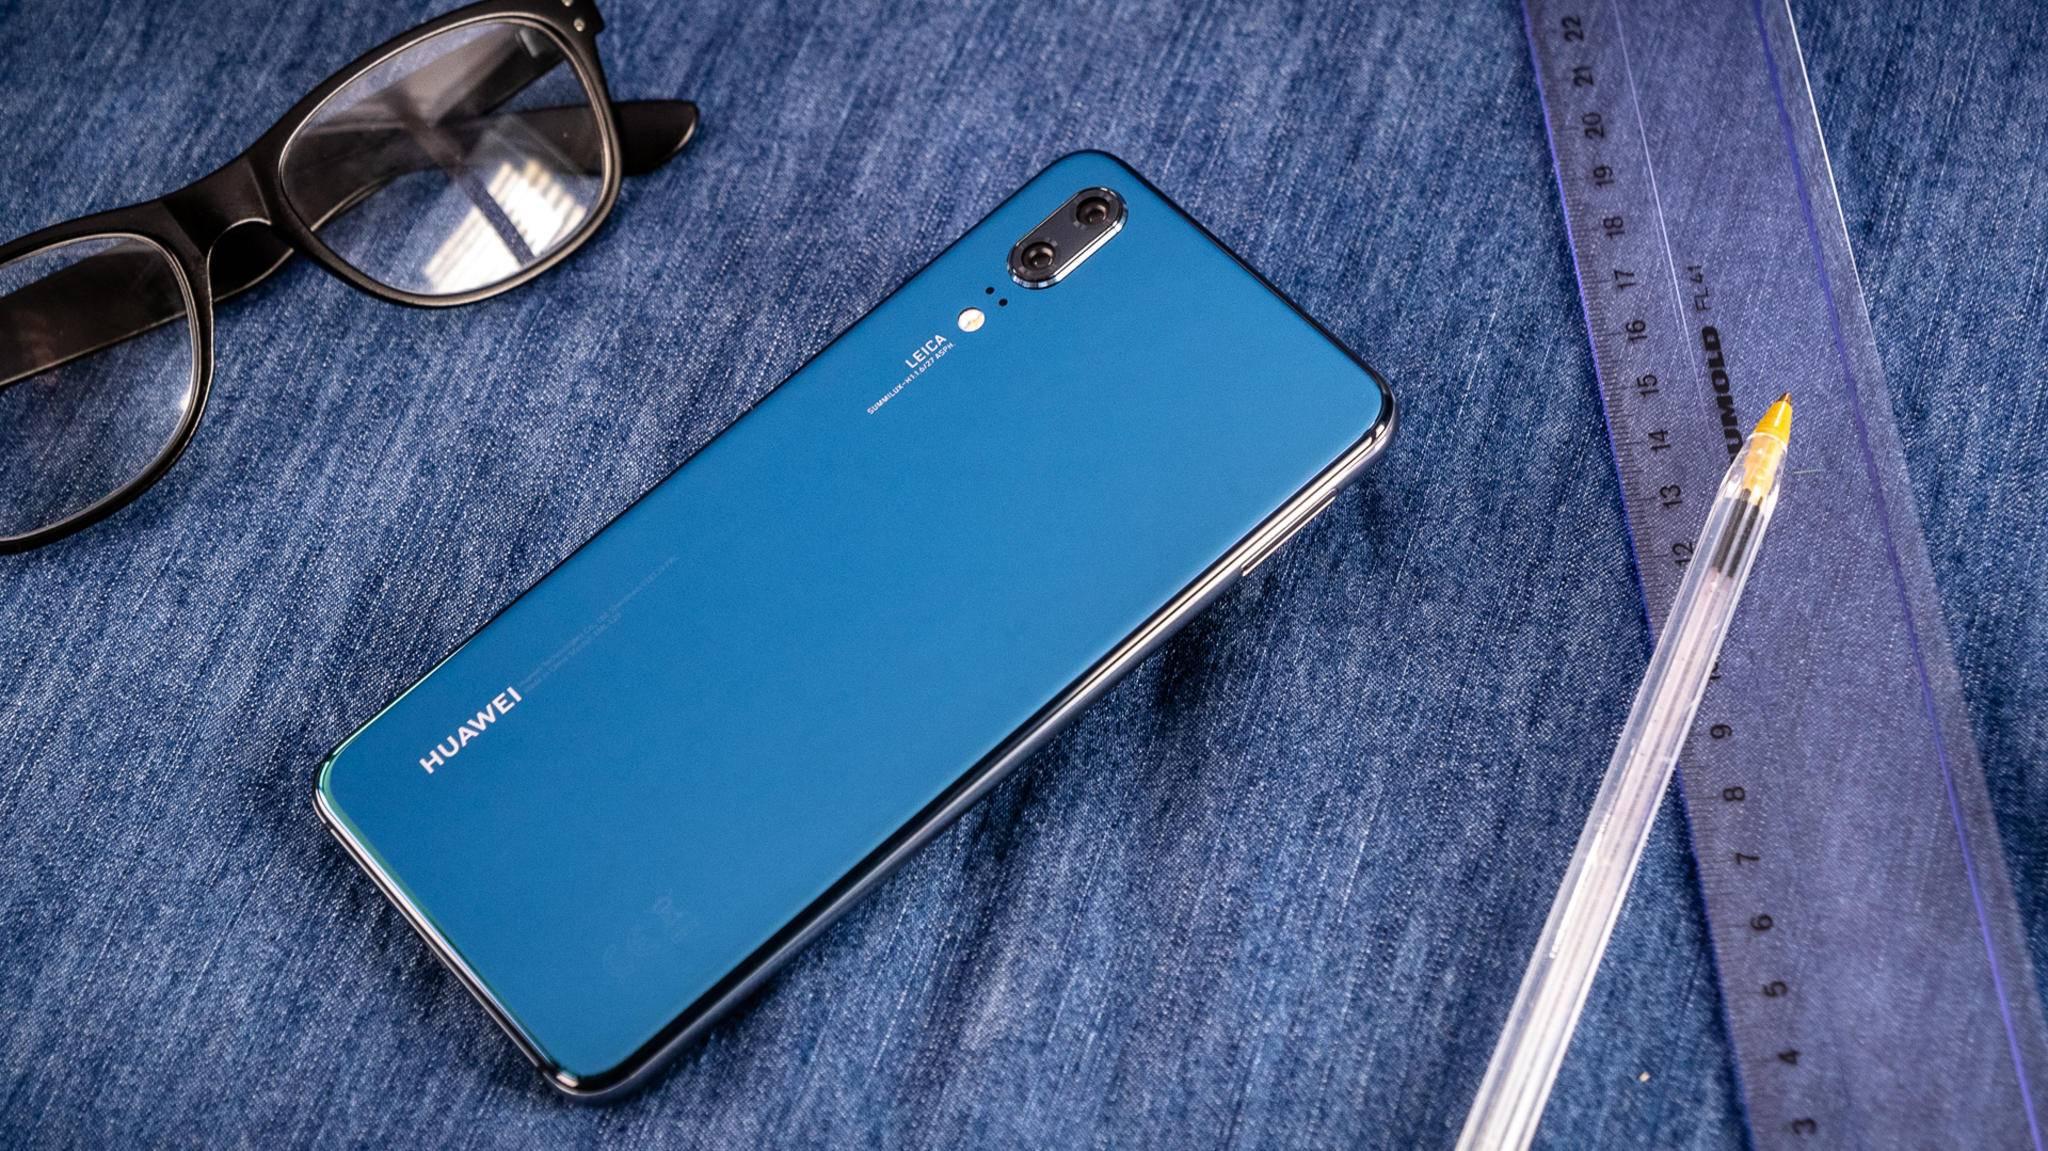 In puncto Kamera gehört das Huawei P20 zur Spitzenklasse. Jetzt wollen die Chinesen auch in den Bereichen Gaming und faltbarer Bildschirm tätig werden.